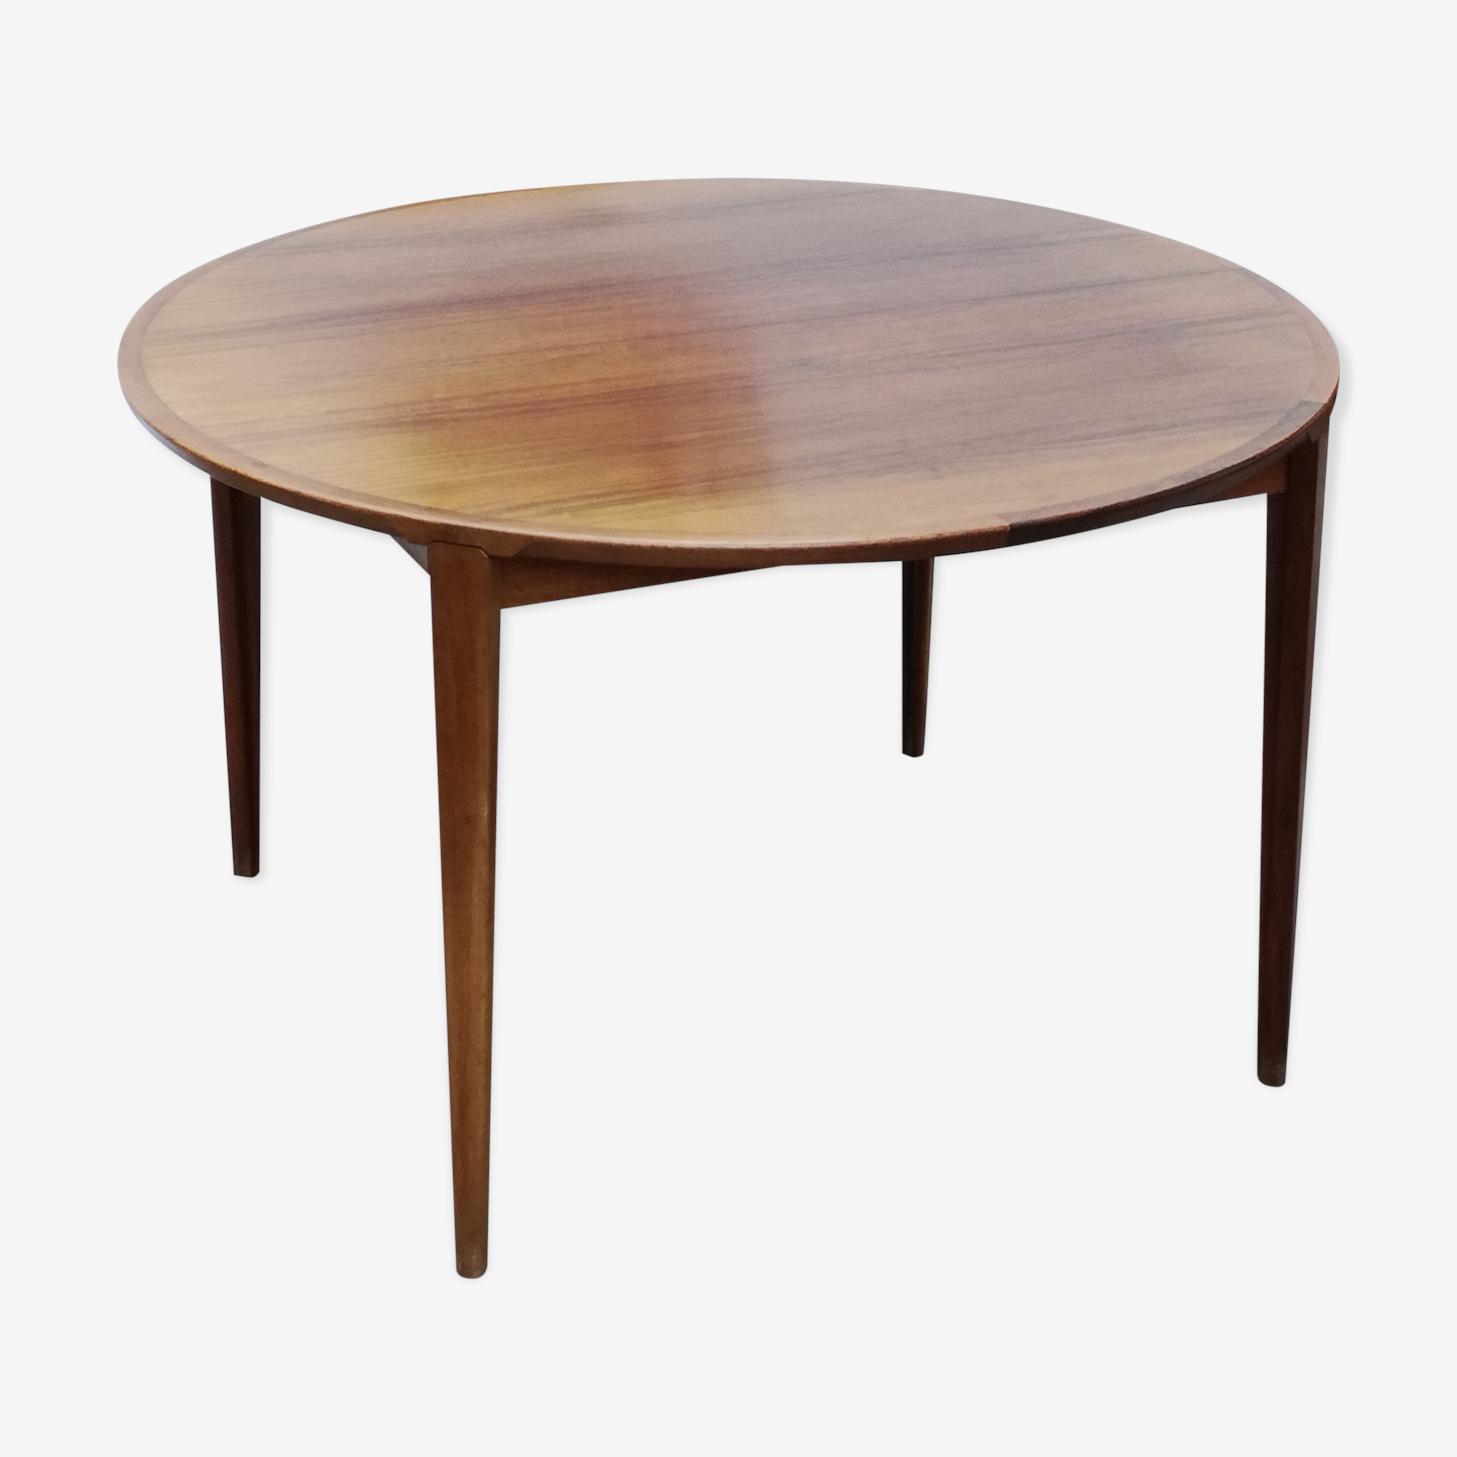 Table danoise en palissandre de Rosengren Hansen